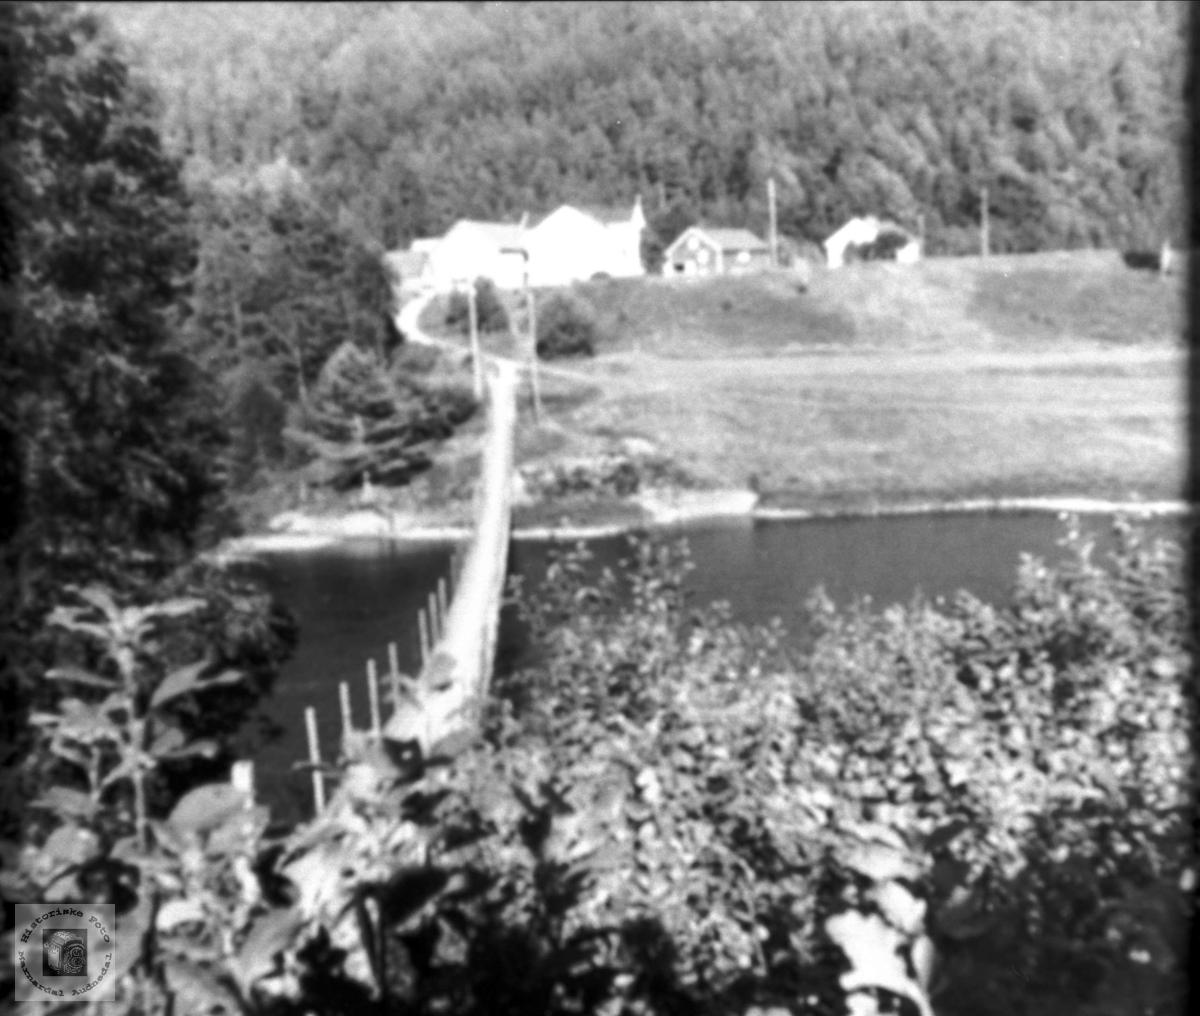 Garden, elva og brua. Mjåland og hengebrua over Mandalselva, Laudal.